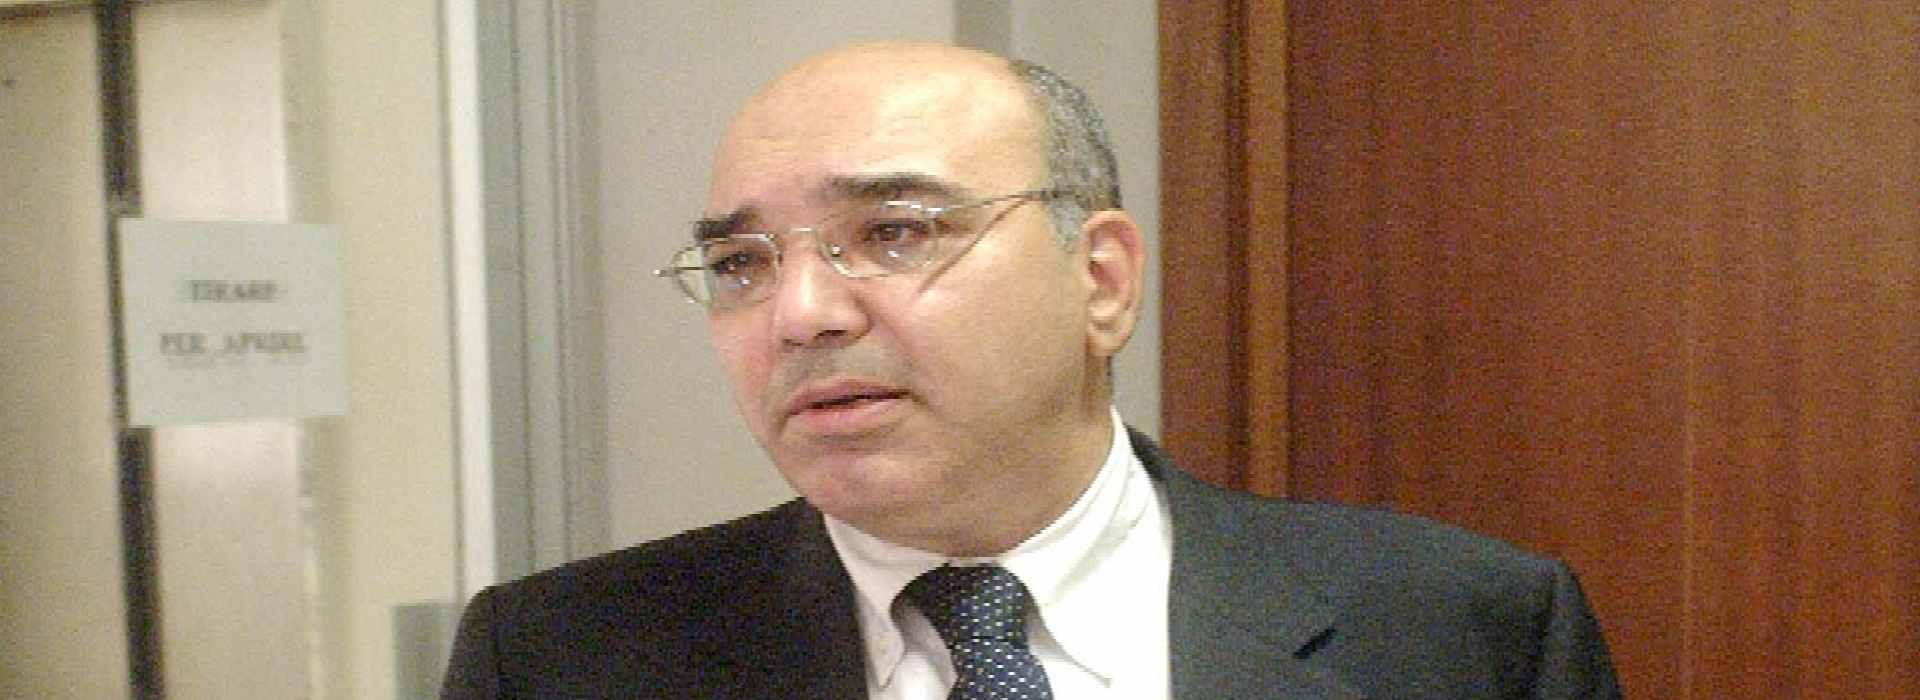 Arrestato il giudice Giuseppe De Benedictis: mazzette per provvedimenti a favore dei mafiosi